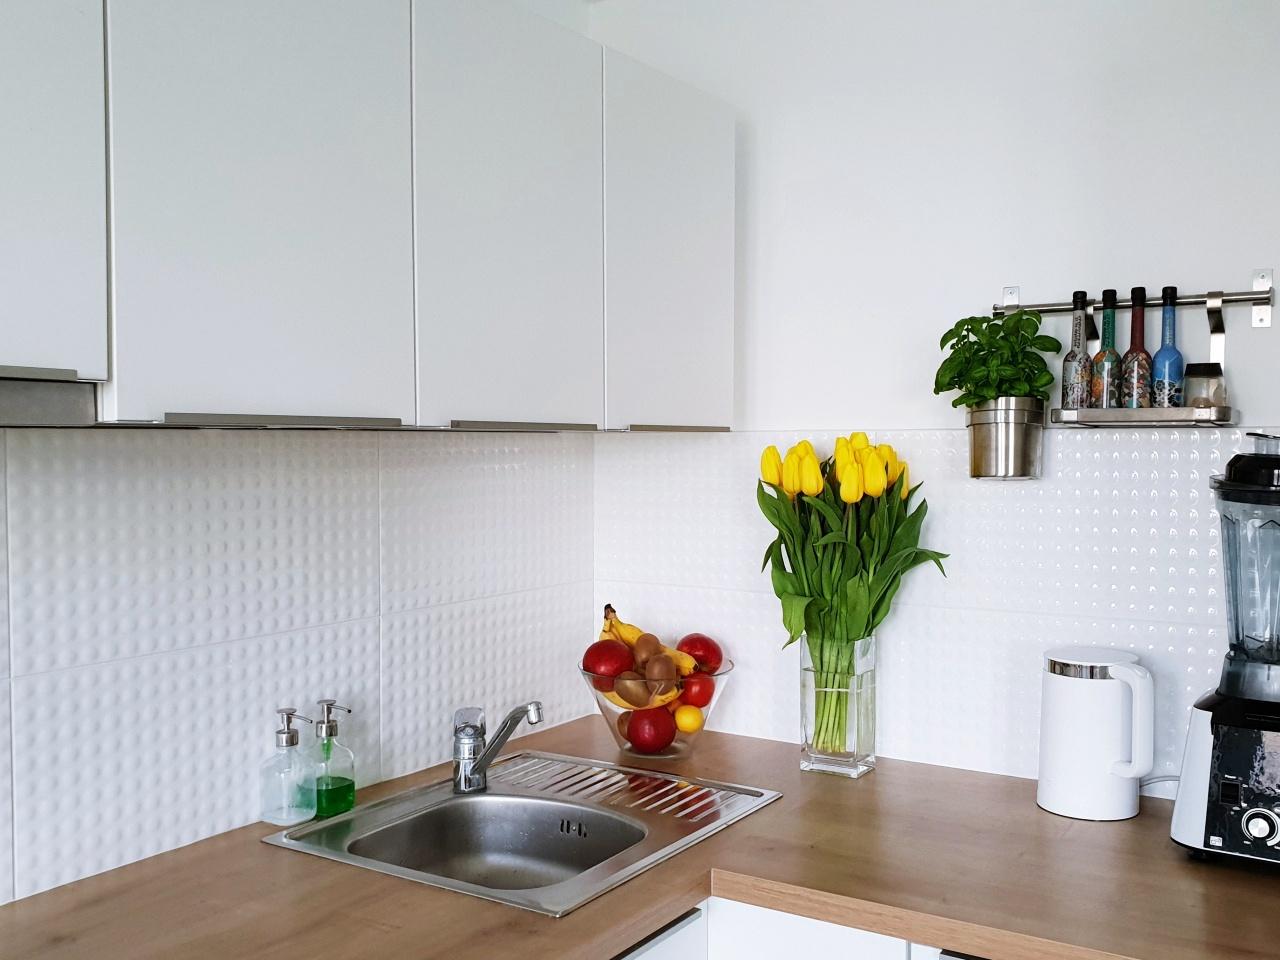 Jak Zorganizować Przestrzeń W Małej Kuchni Moje Rozwiązania